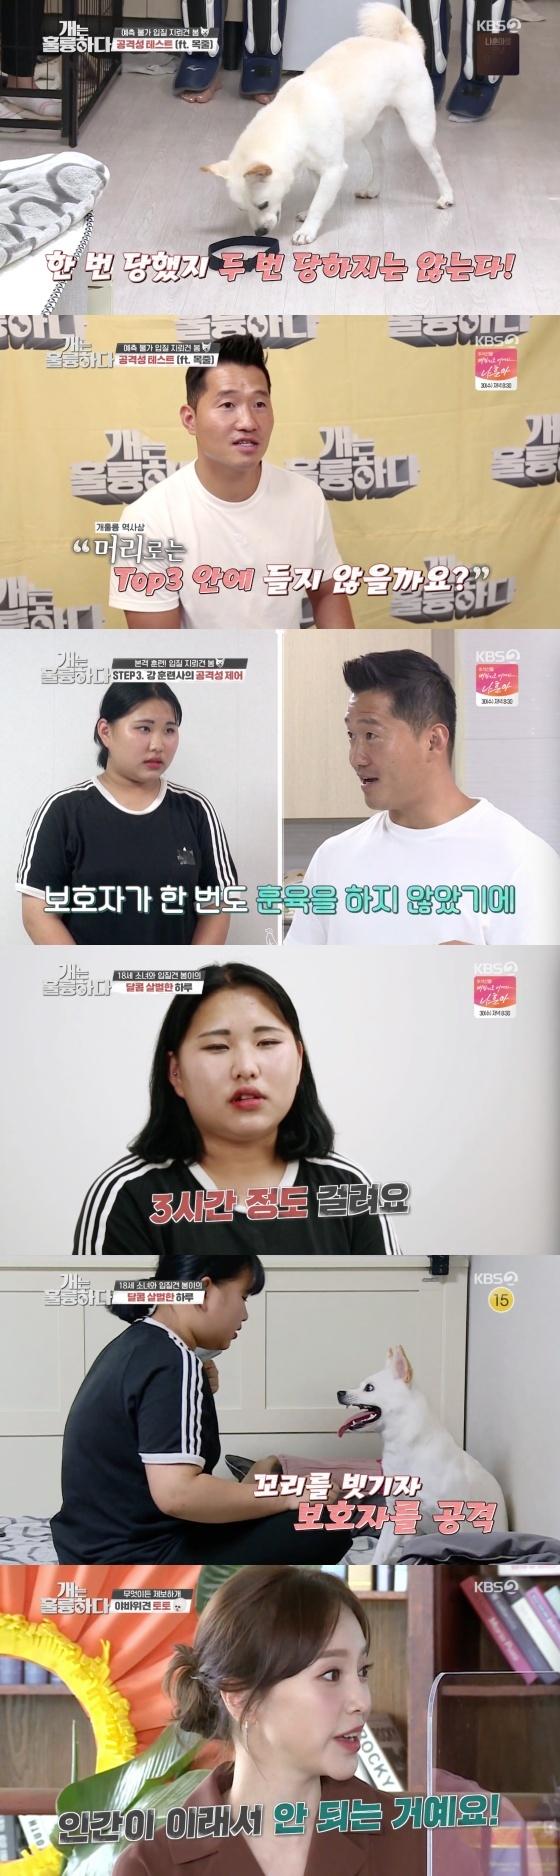 /사진=KBS 2TV 예능 프로그램 '개는 훌륭하다' 방송화면 캡쳐